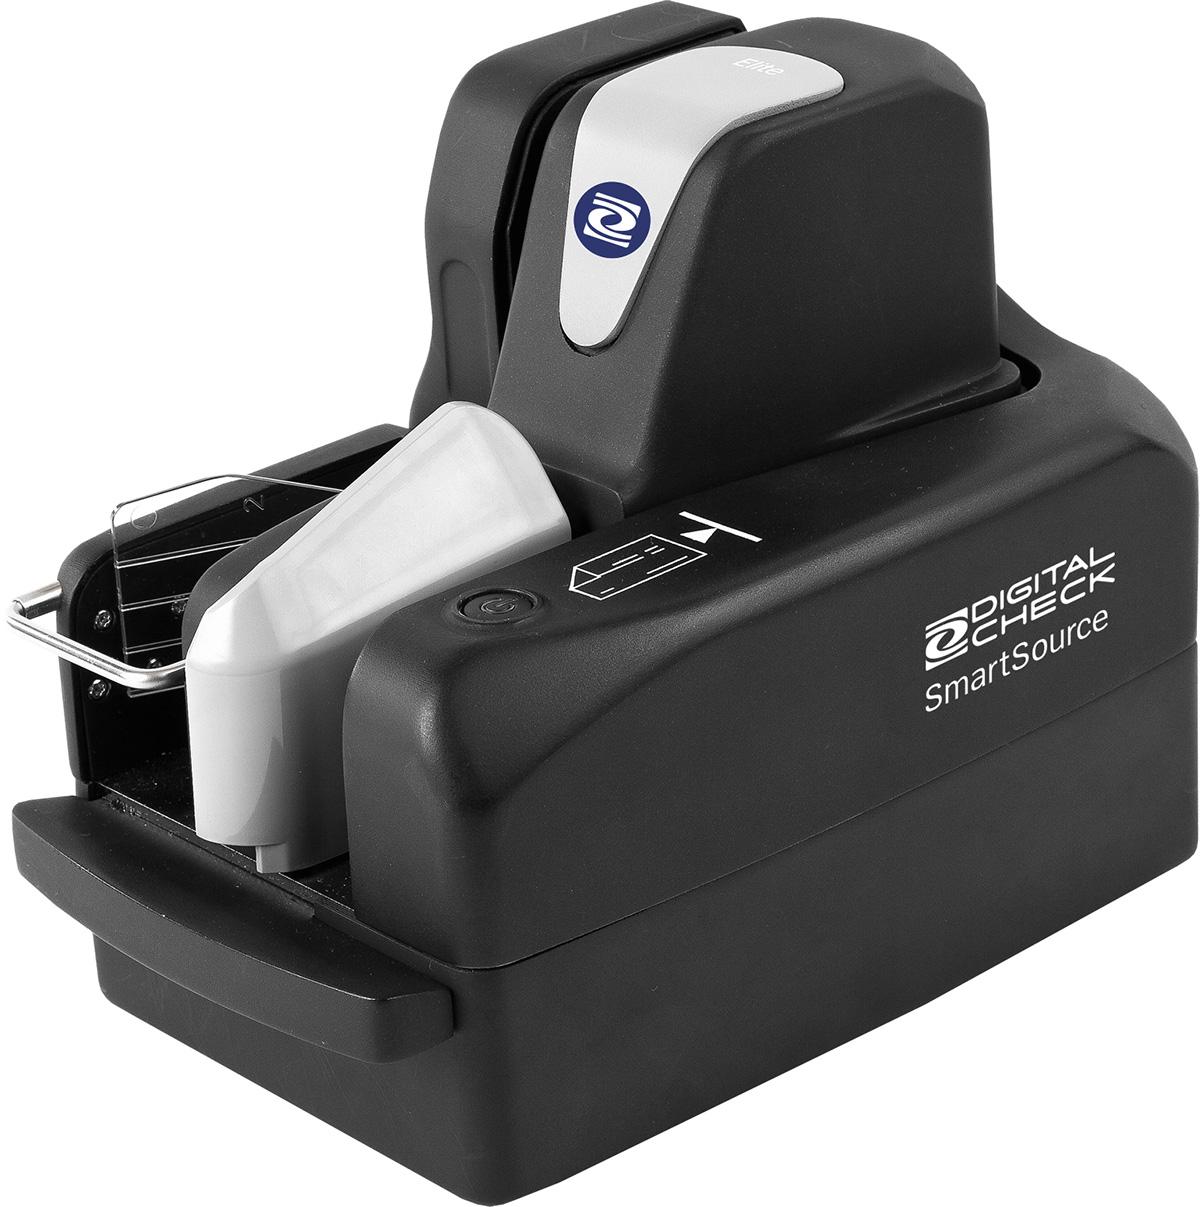 Smartsource Pro Elite Teller And Rdc Scanner Digital Check Digital Check